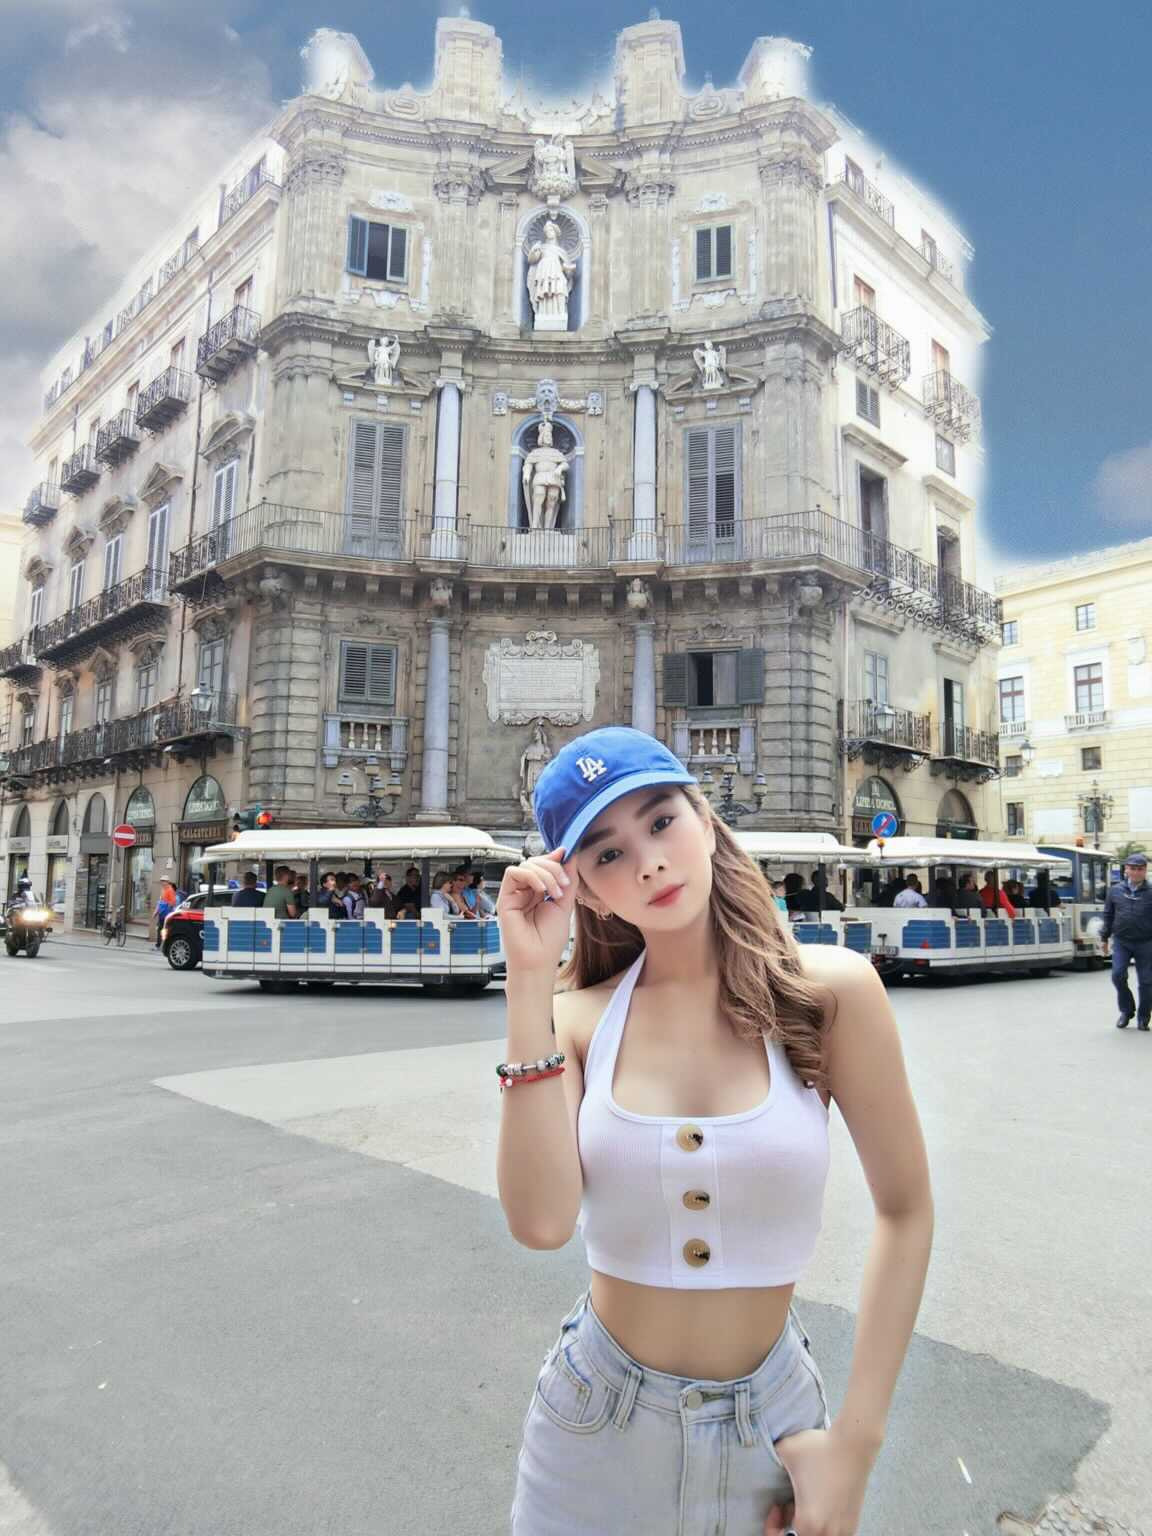 Ngất ngây với loạt ảnh DJ Mie thả dáng tại châu Âu trong chuyến lưu diễn trên du thuyền hạng sang